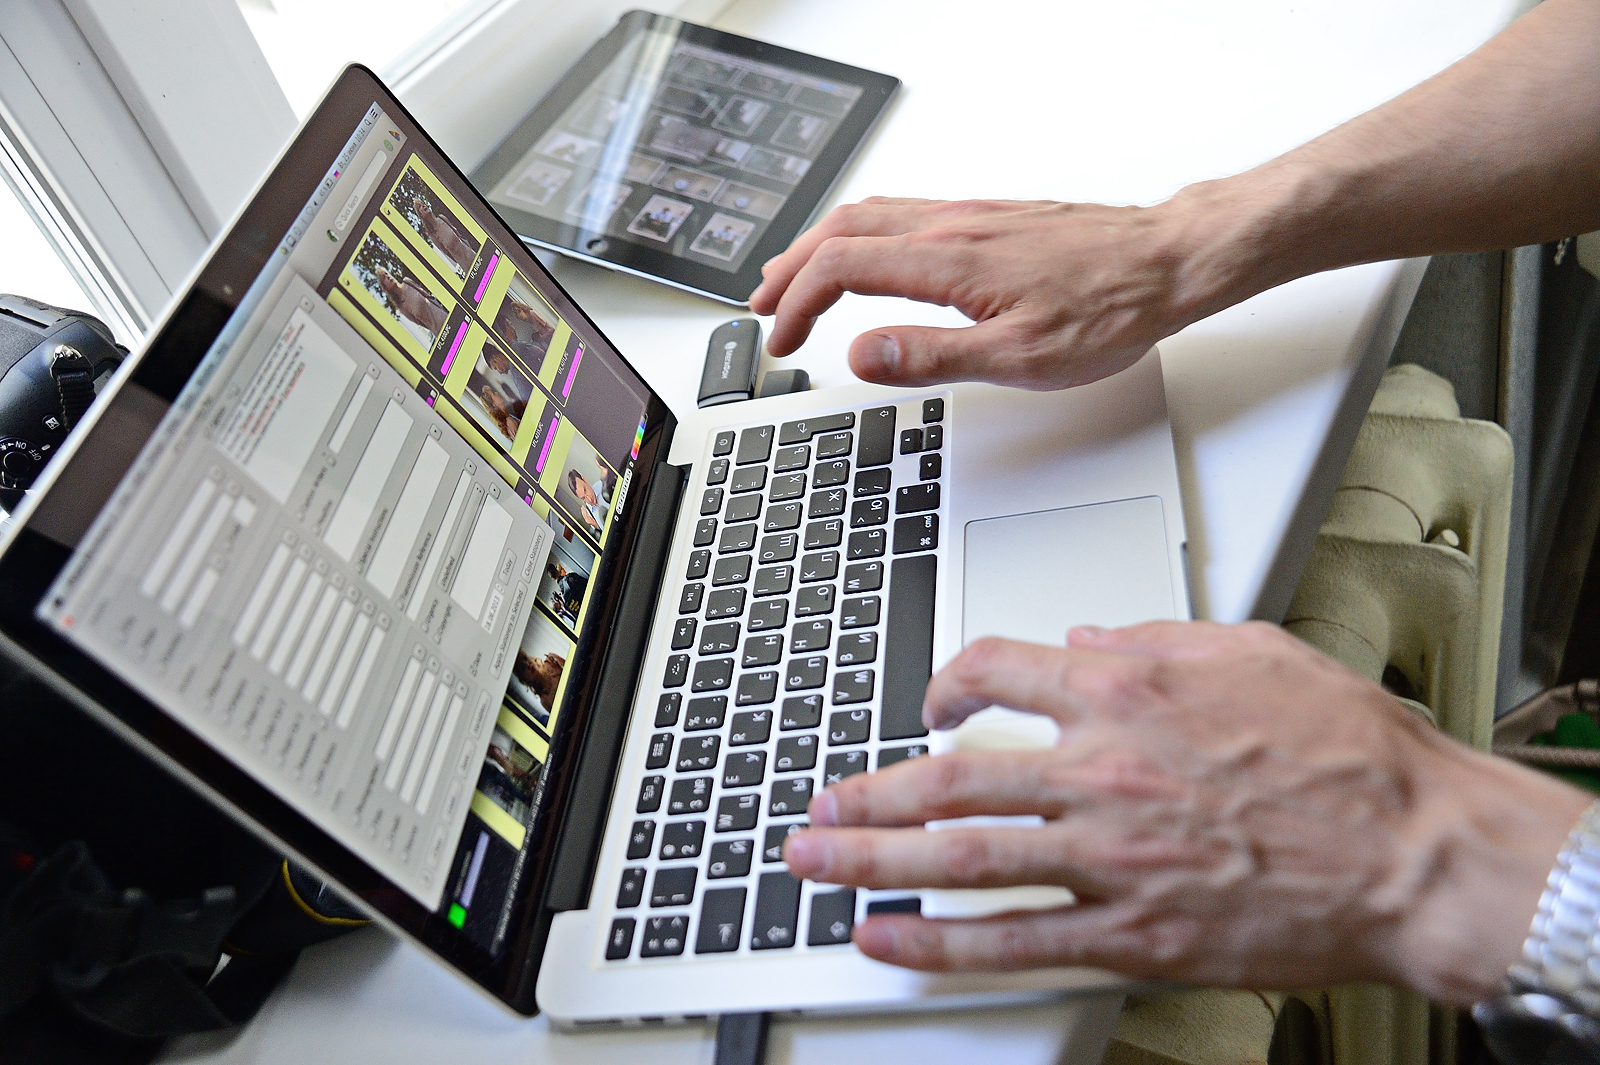 Операторы предлагают изменить тарифы на интернет в России